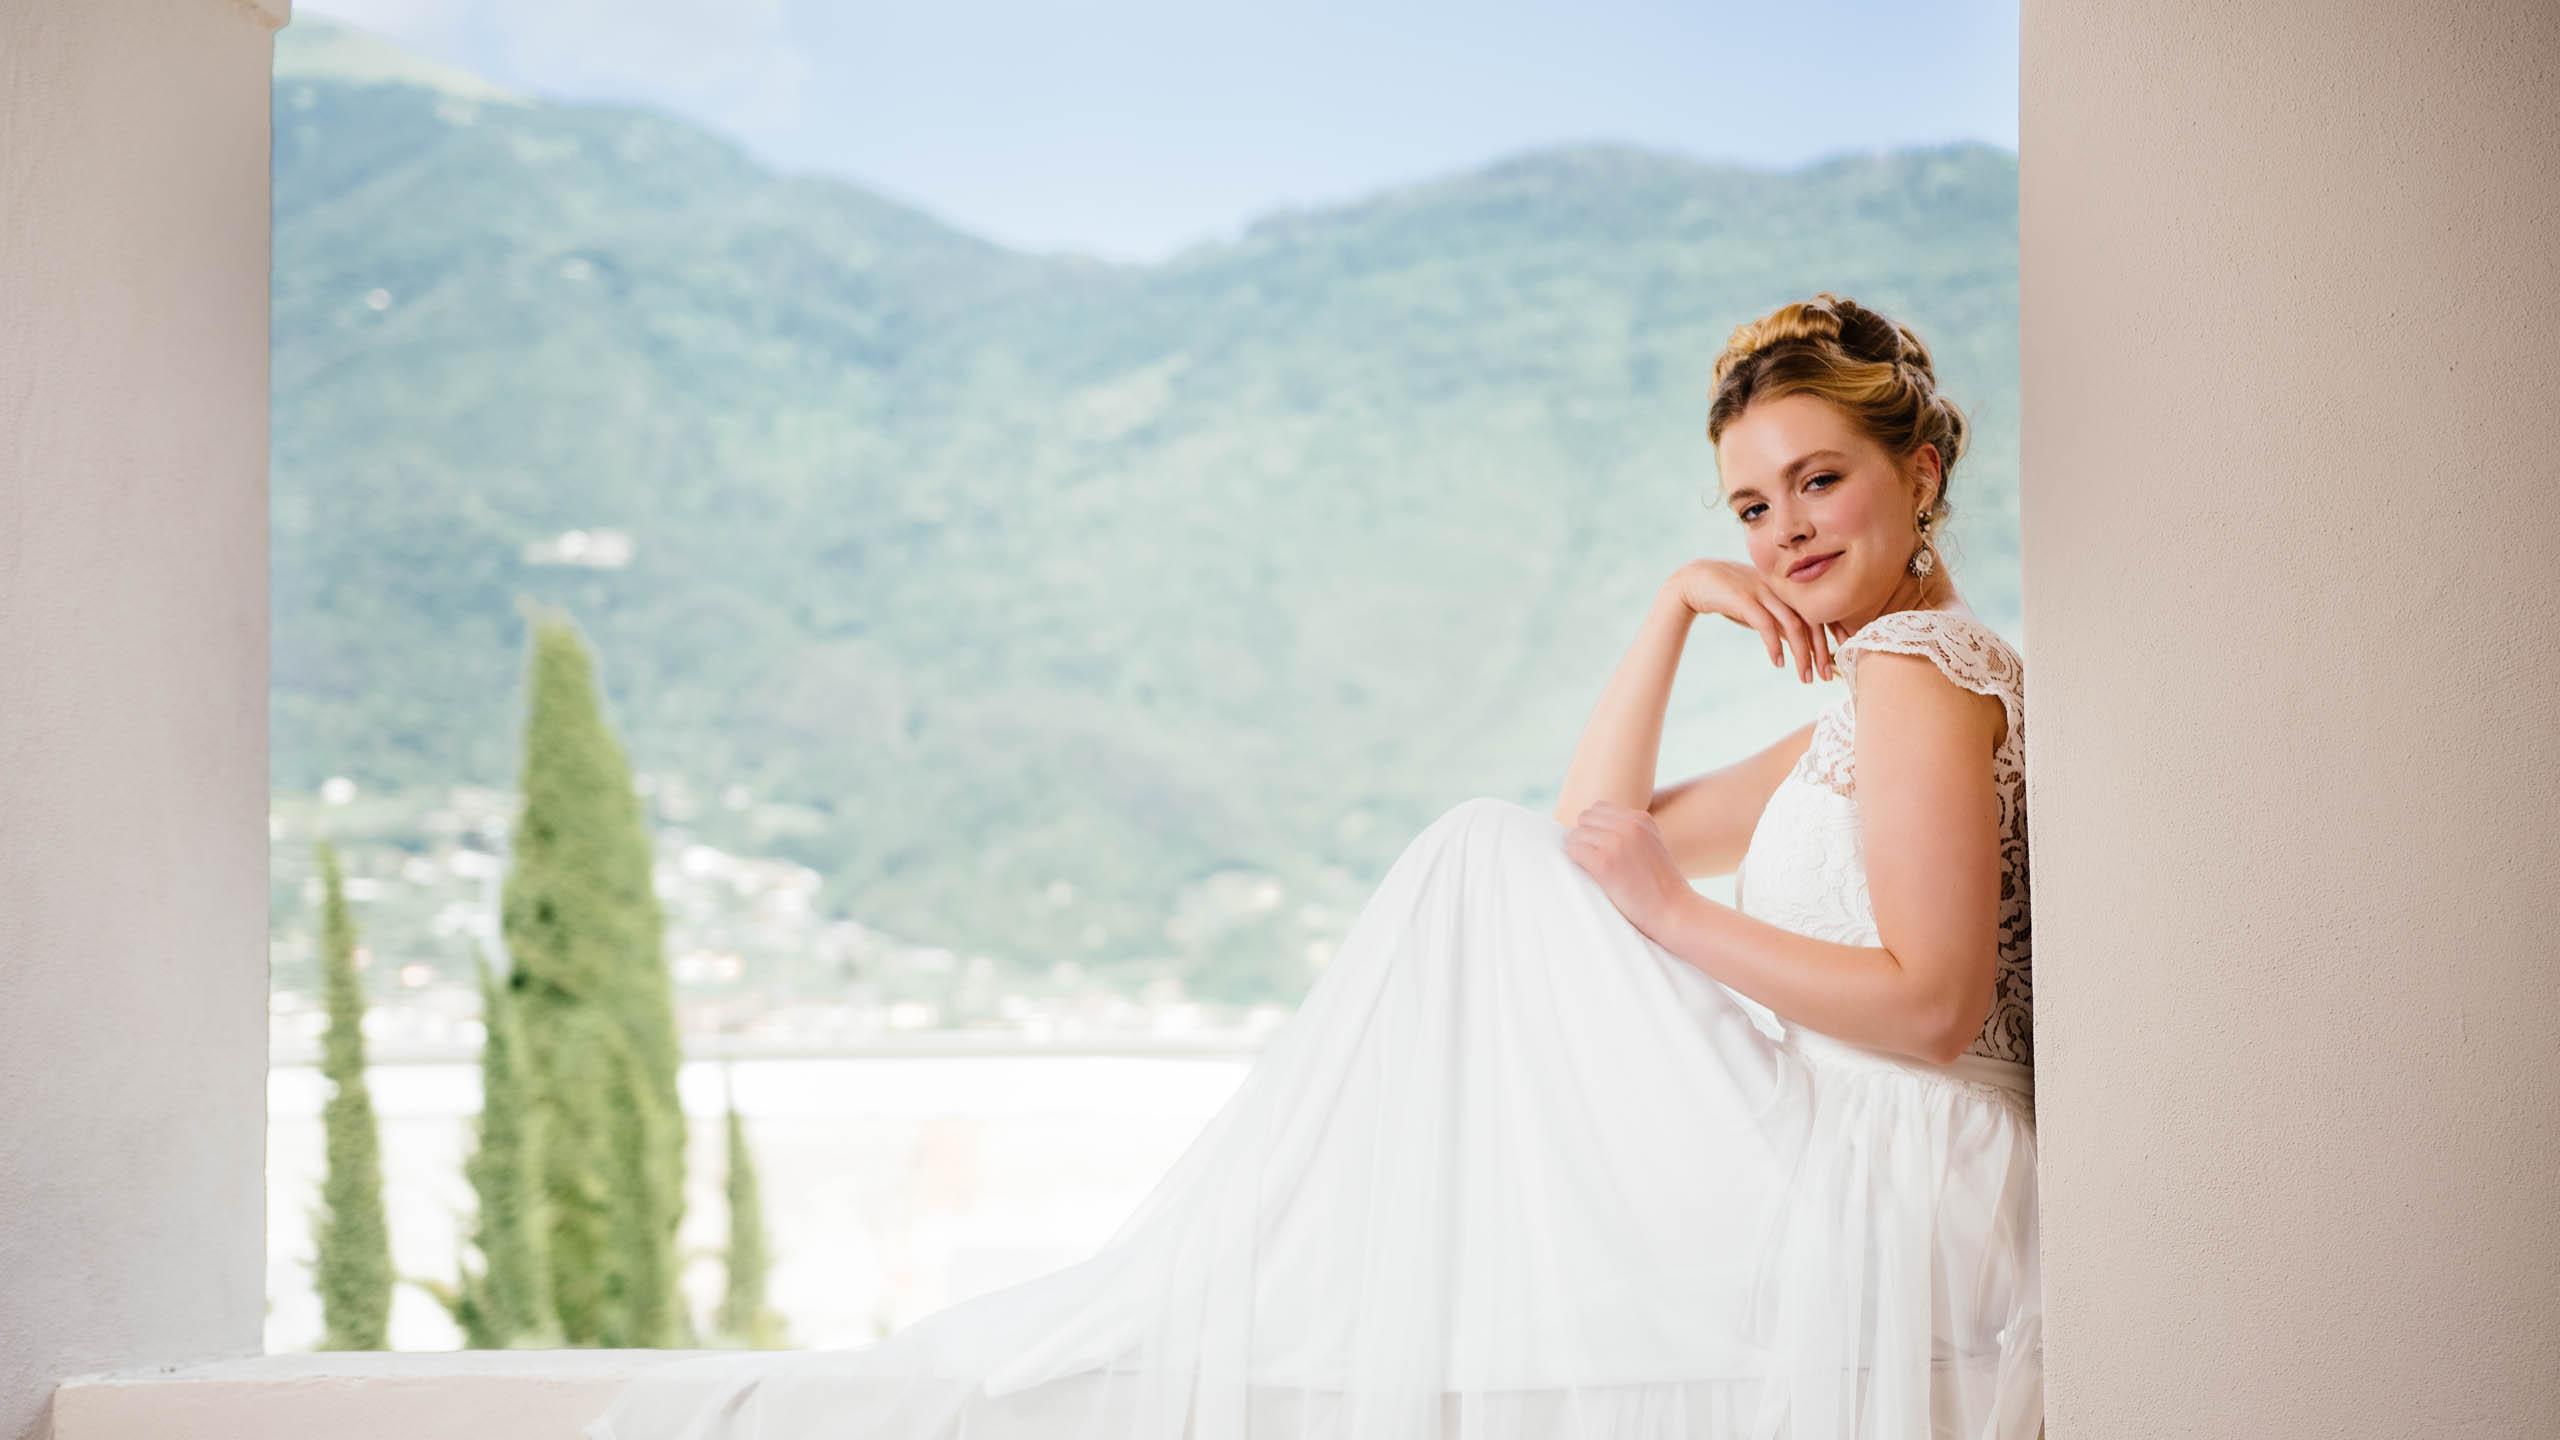 Braut sitzt mit Bohemian Hochzeitskleid auf dem Balkon